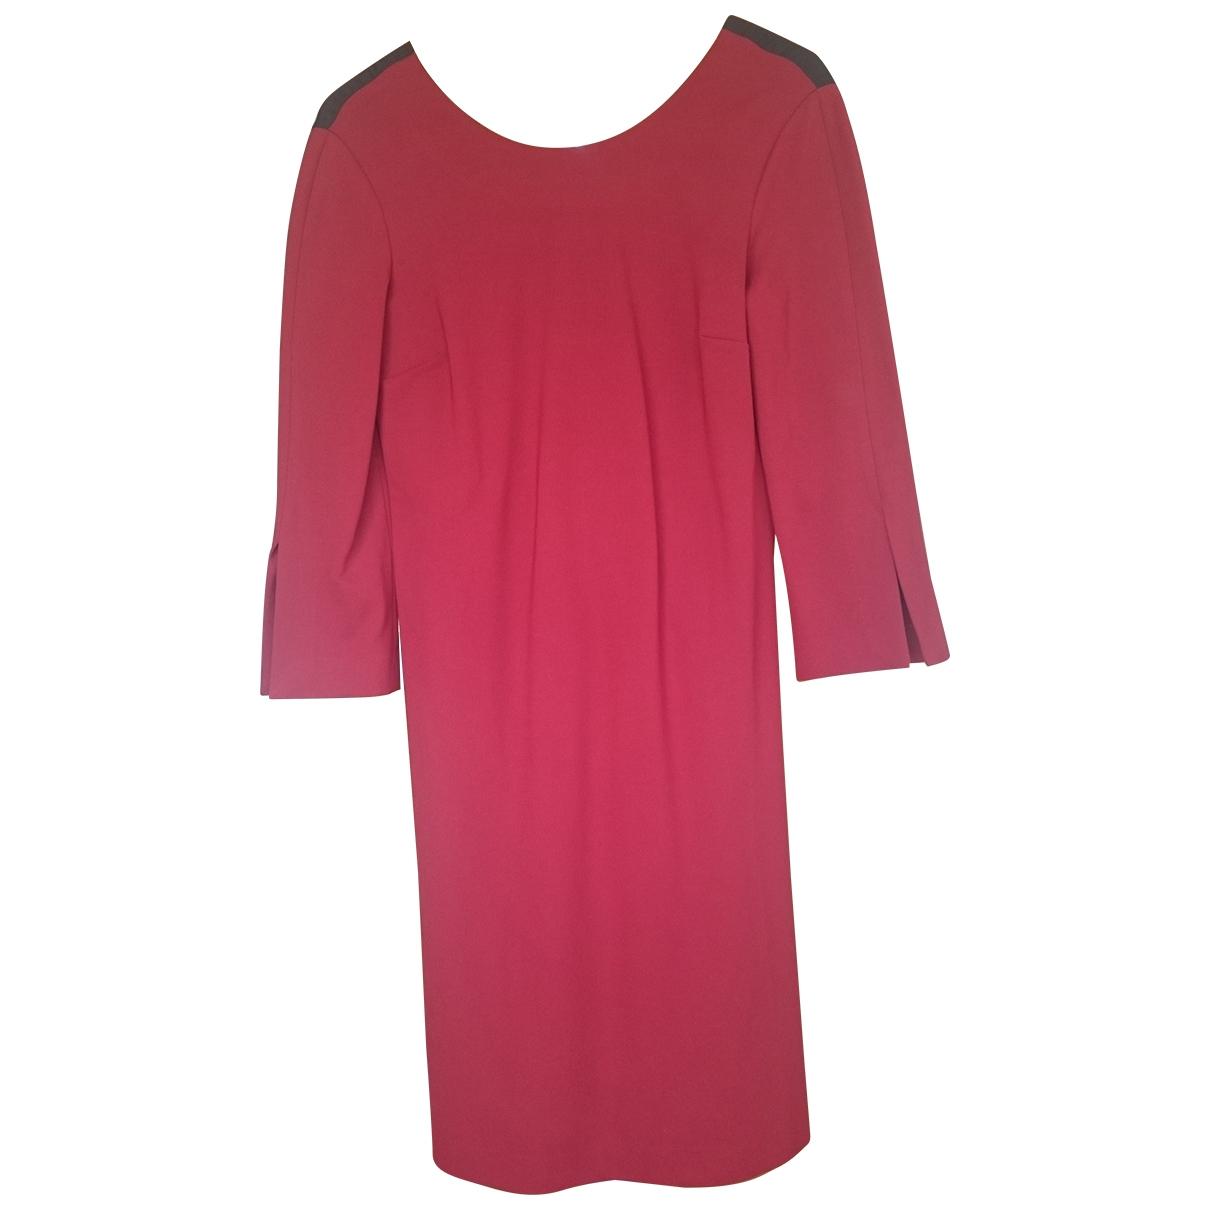 Liviana Conti \N Kleid in  Rot Viskose